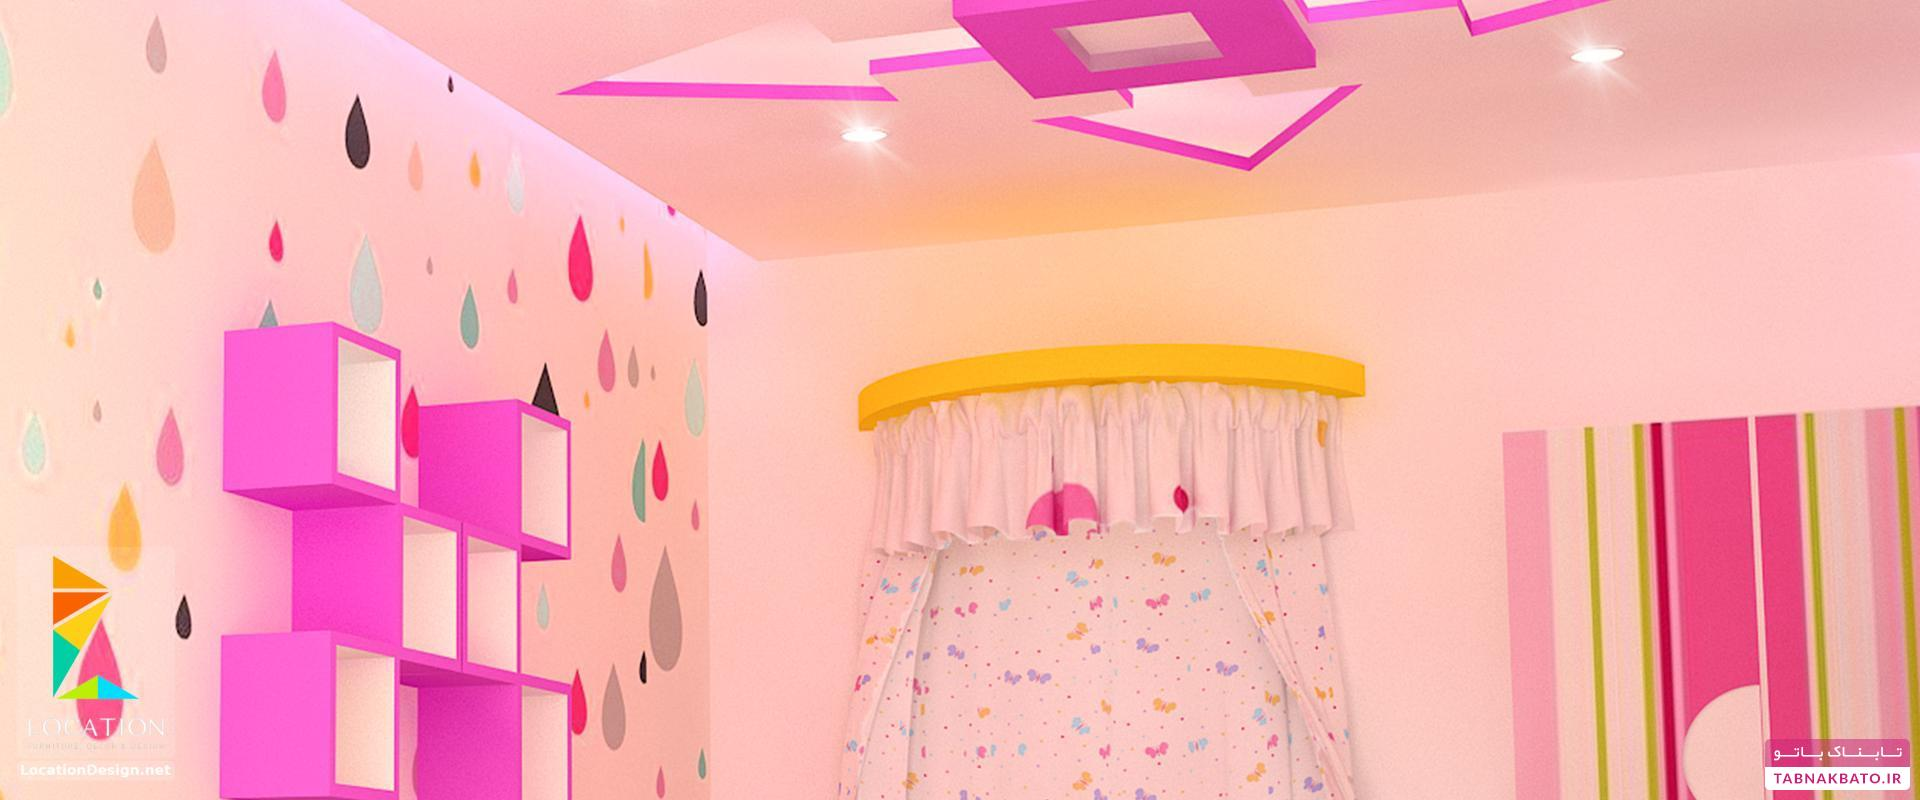 تزیینات جالب و دیدنی سقف اتاق کودک